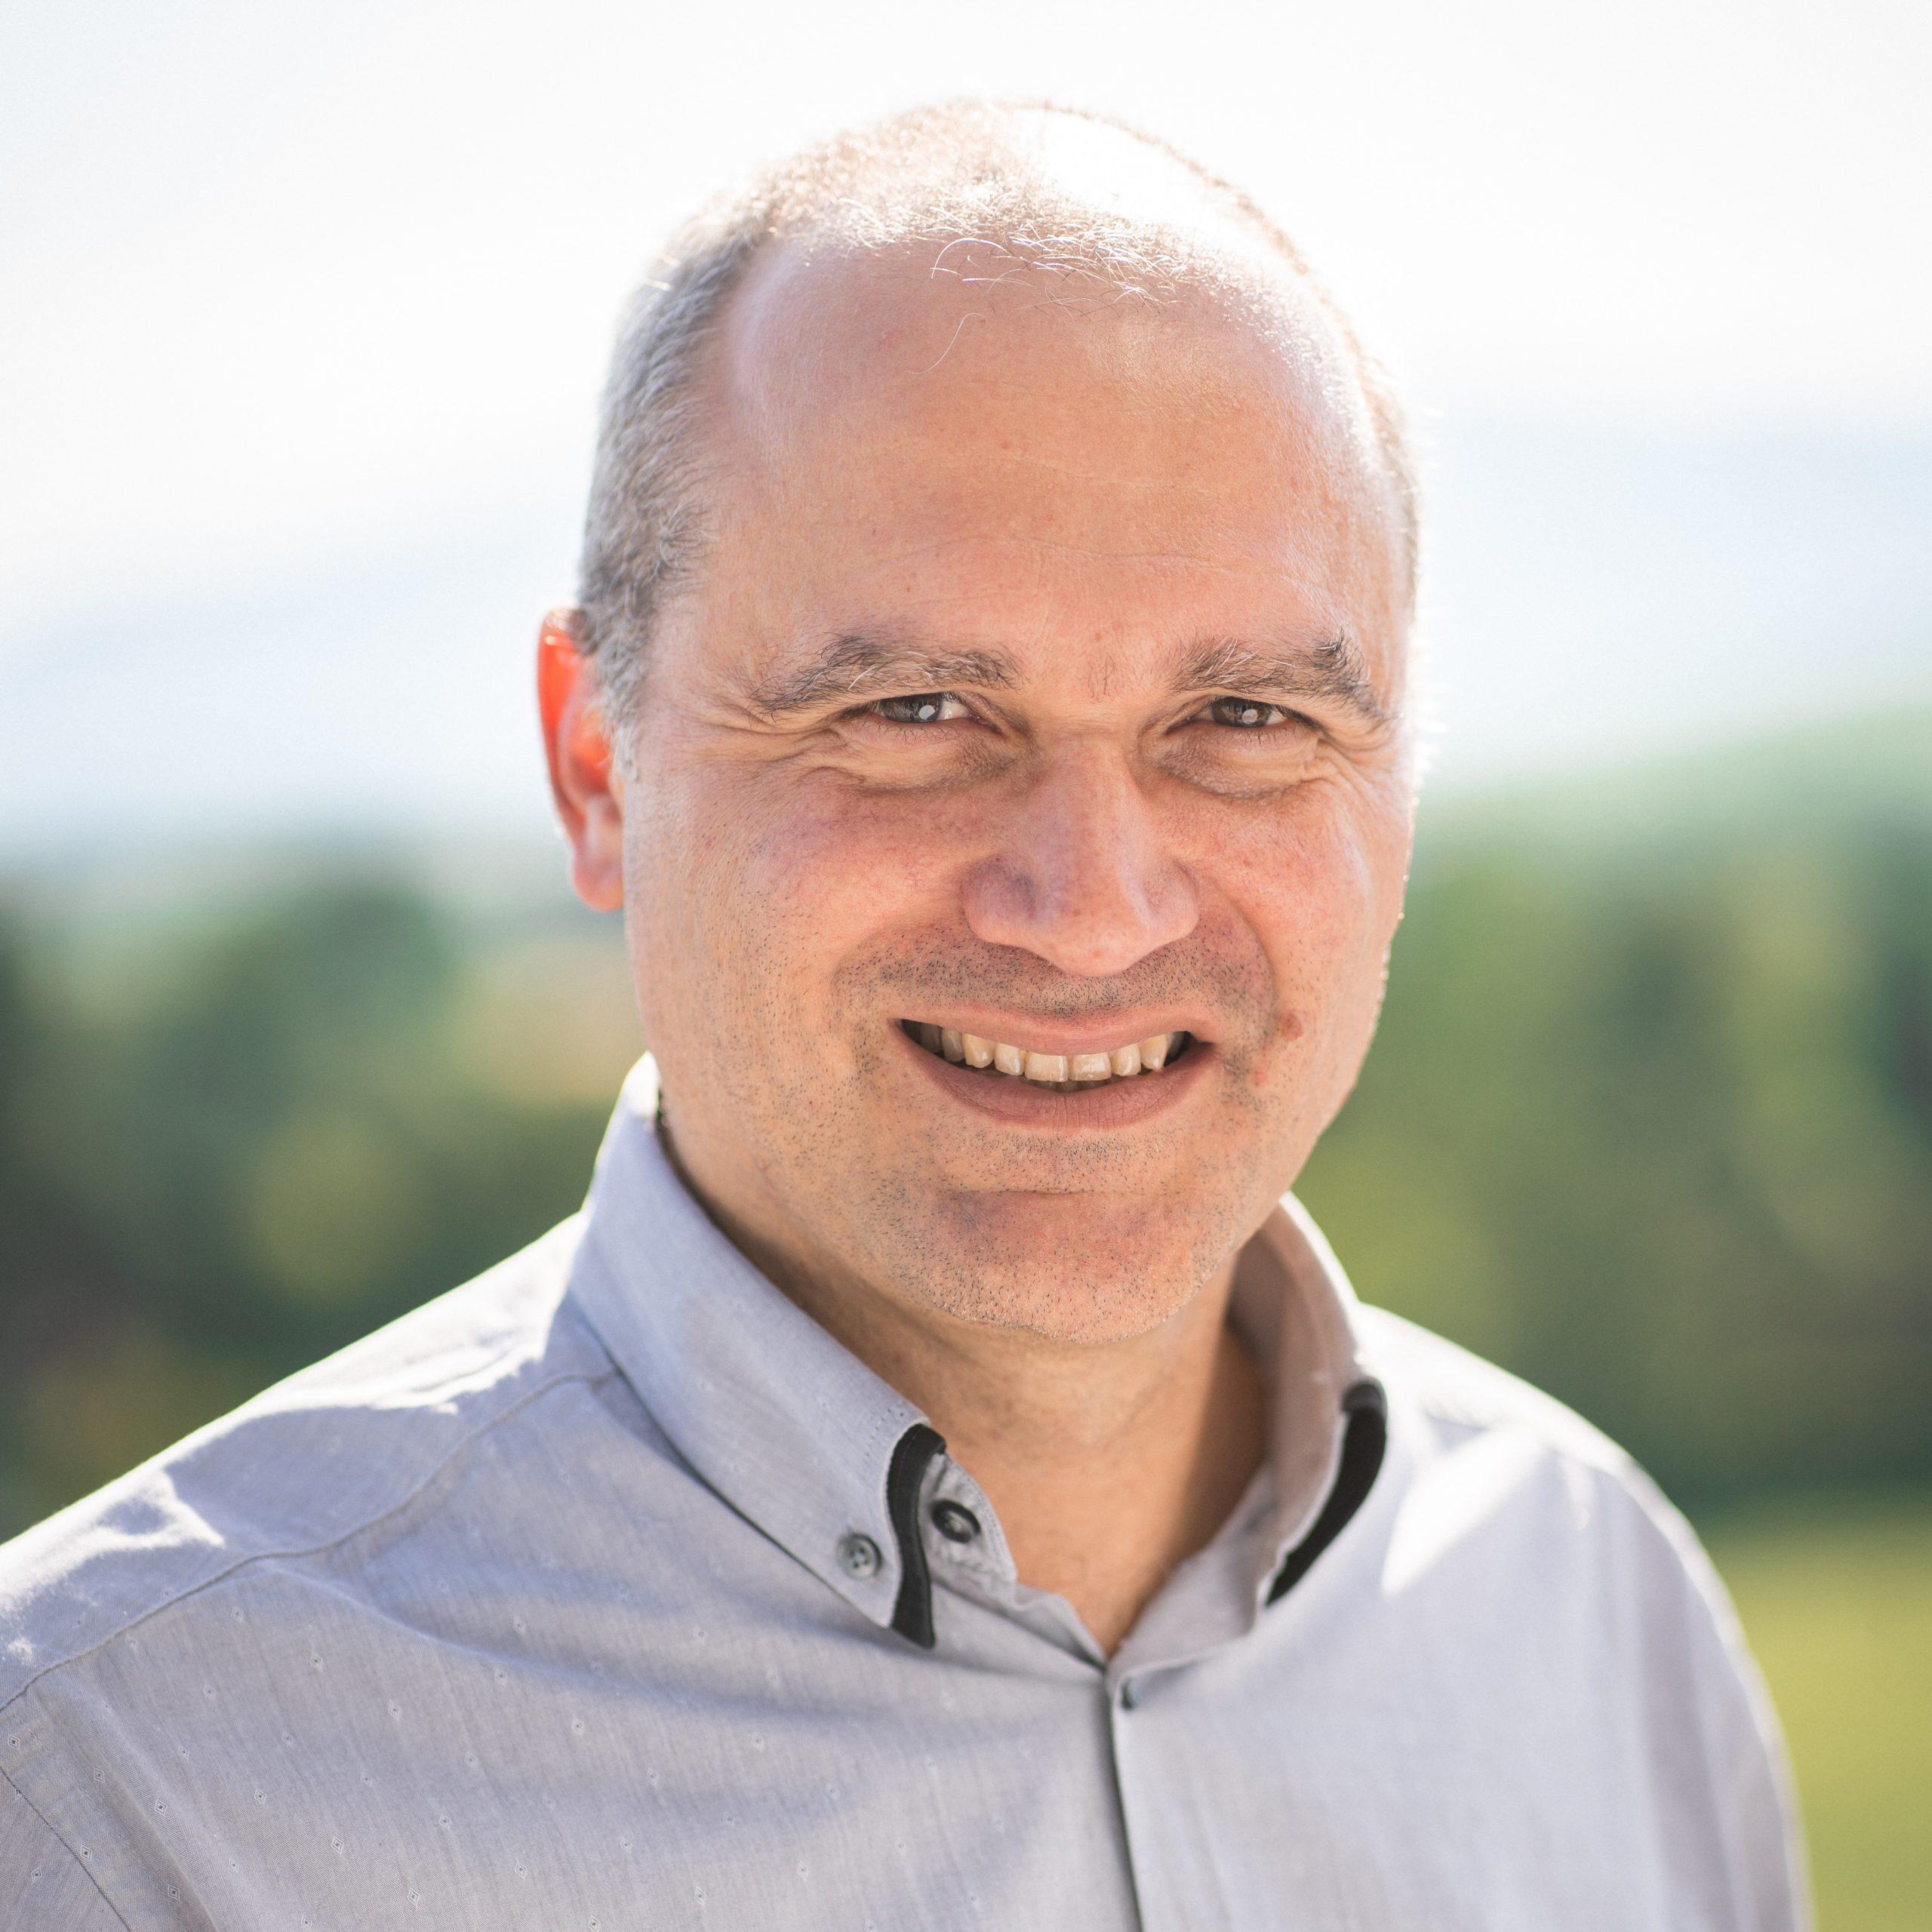 Nicolas Lavarini